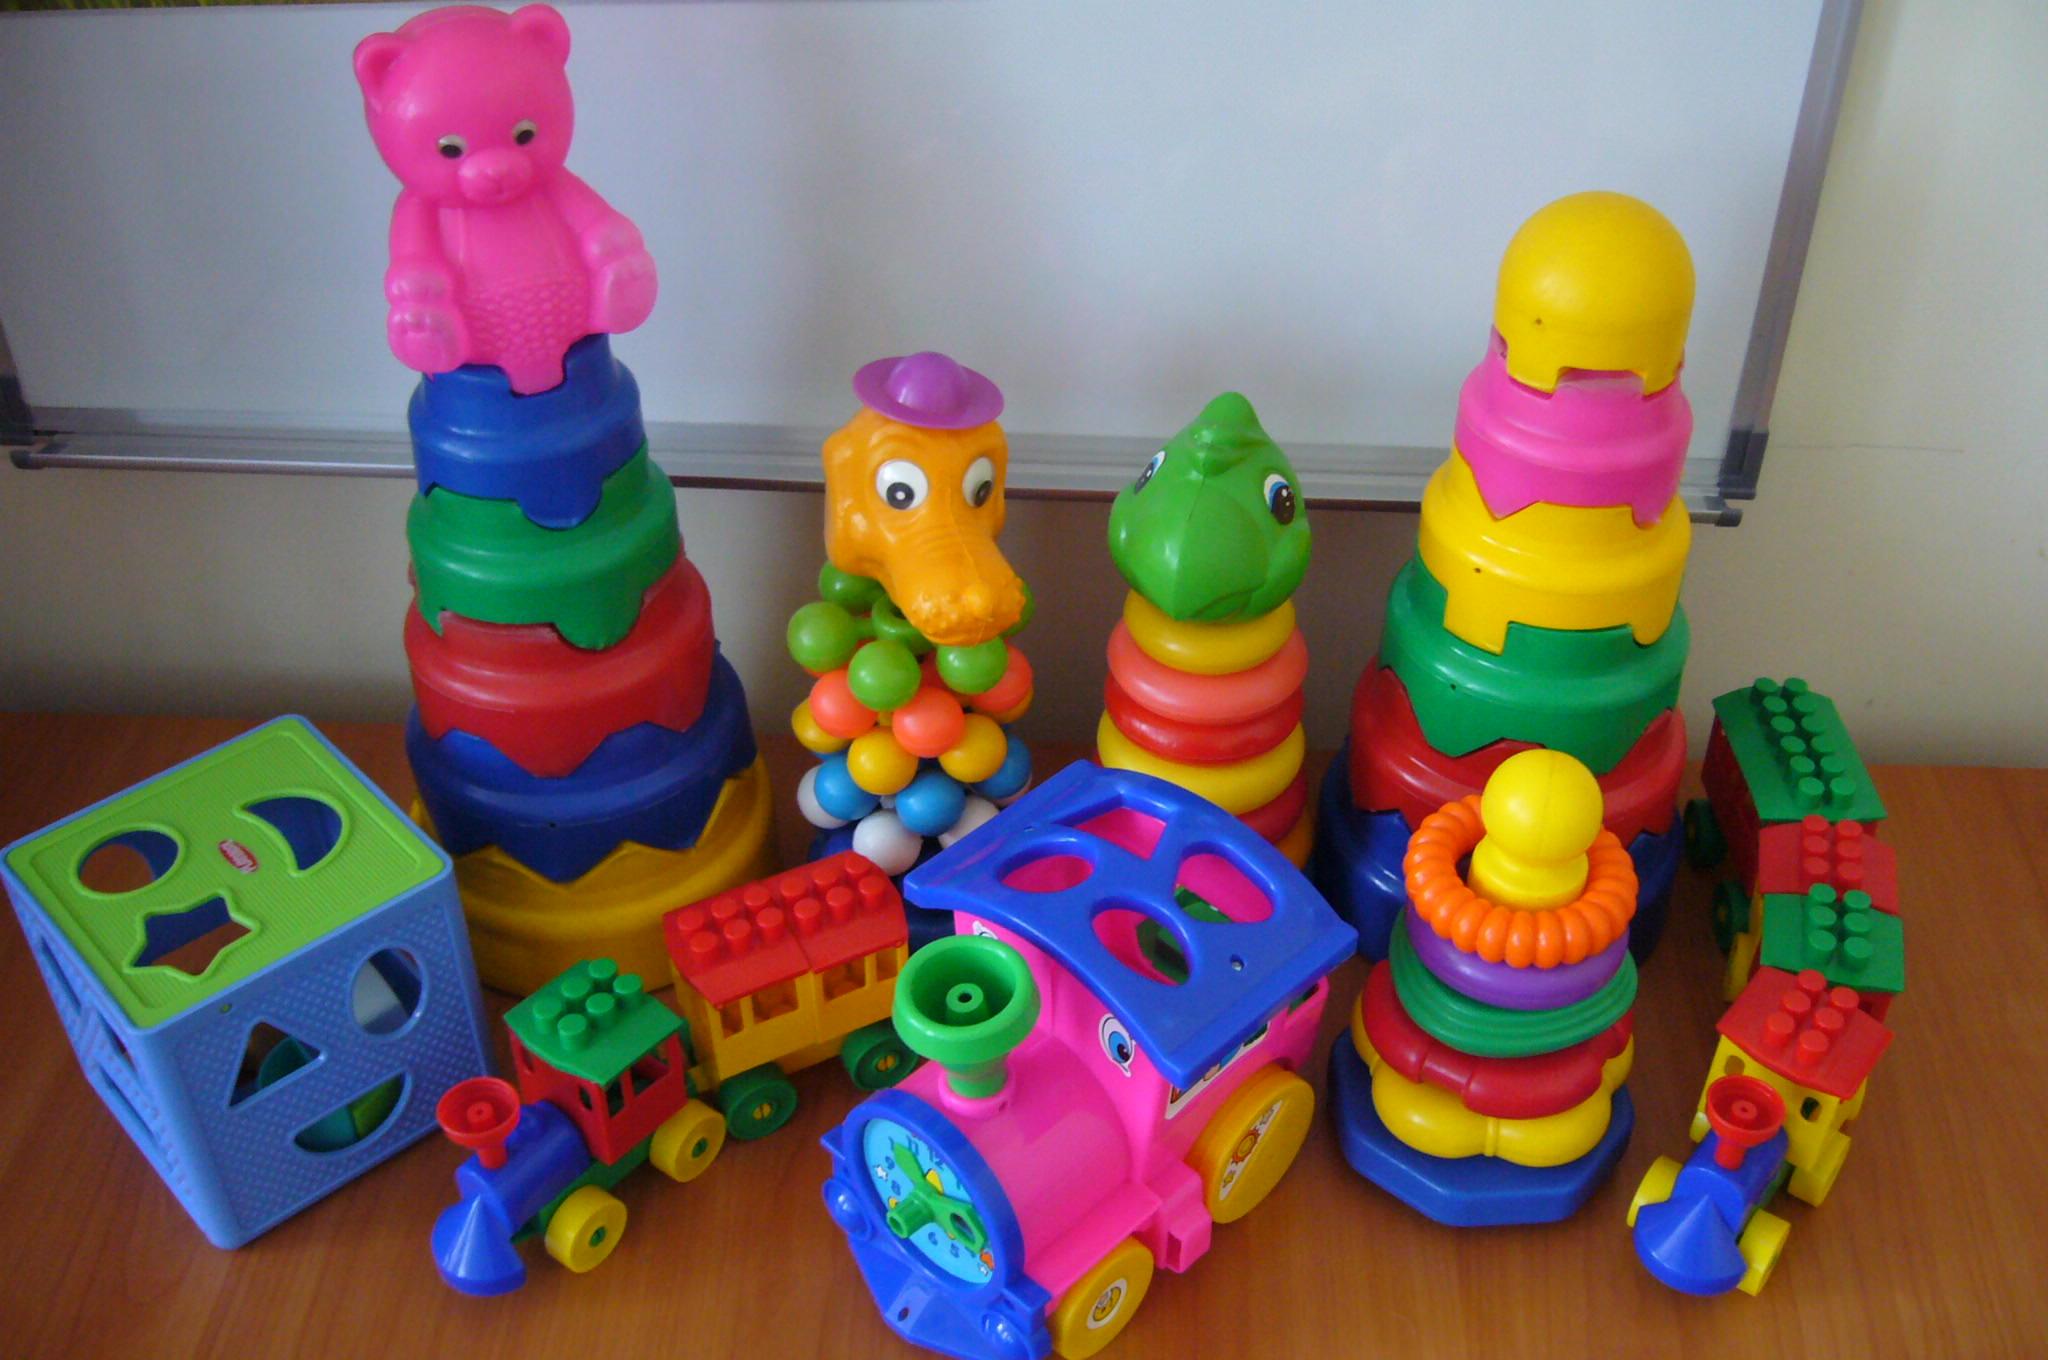 картинка сенсорные игрушки сестра